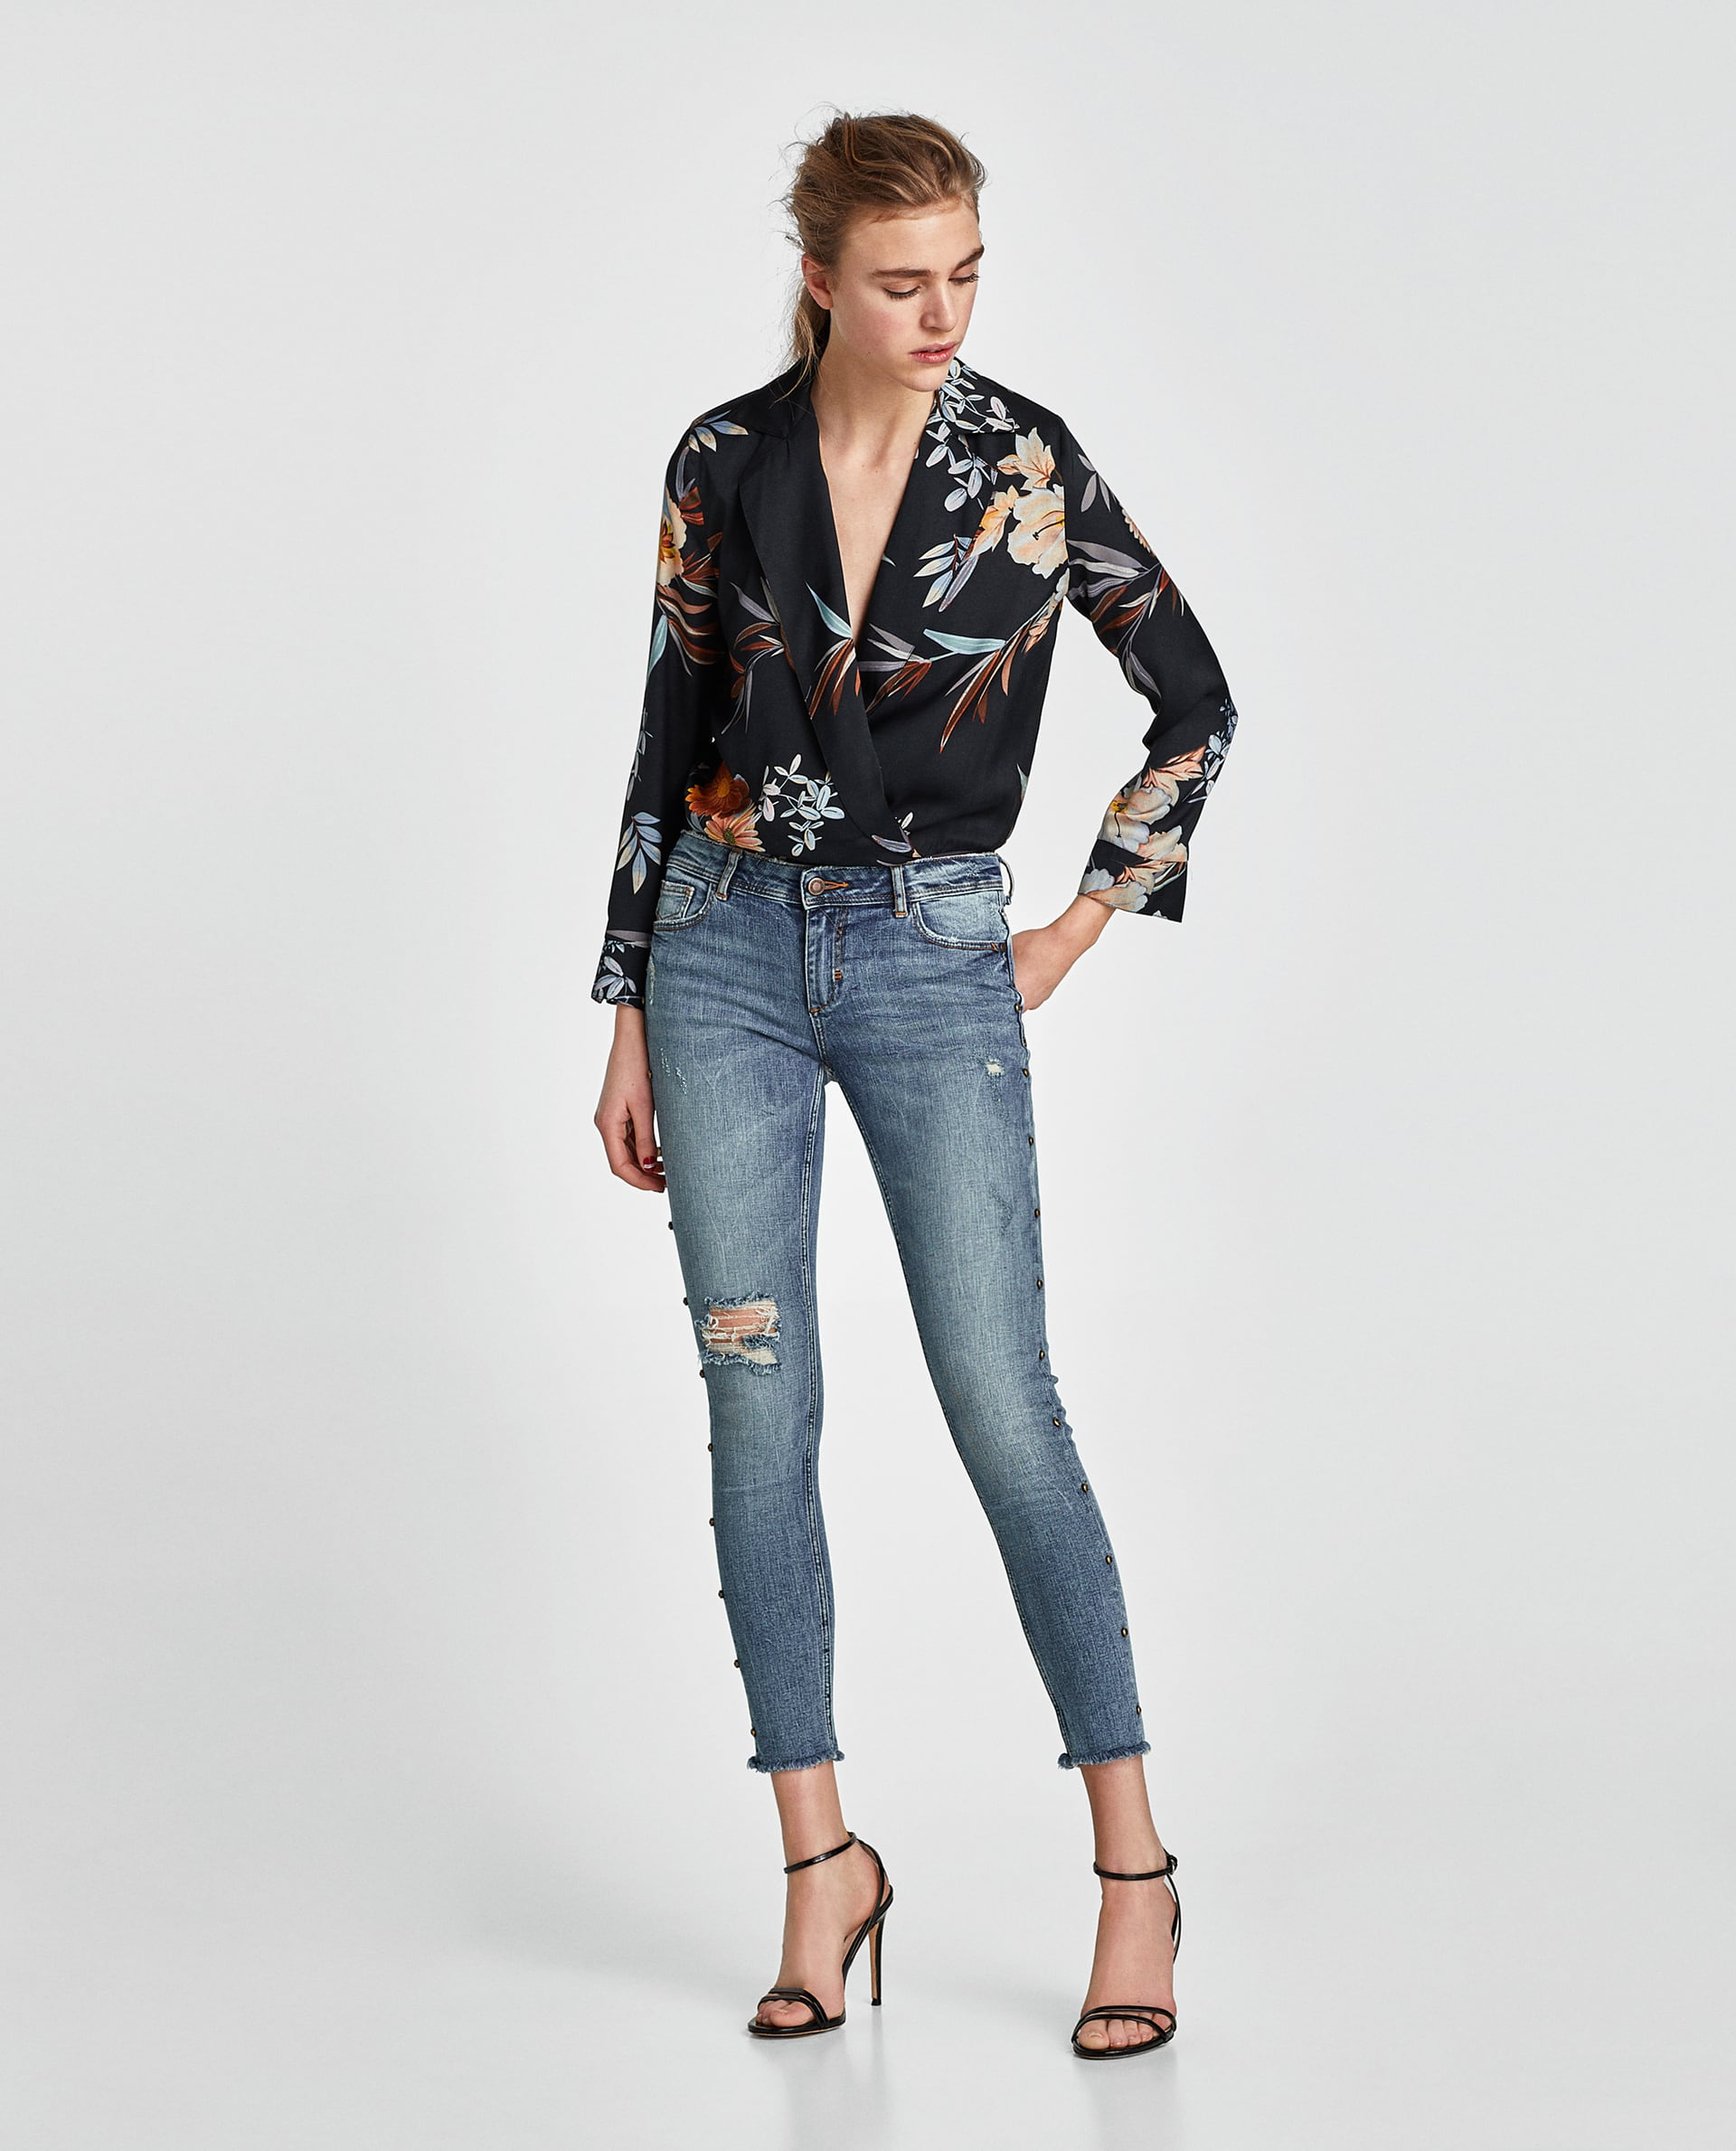 Jeans gioiello con strappi Zara collezione primavera estate 2018